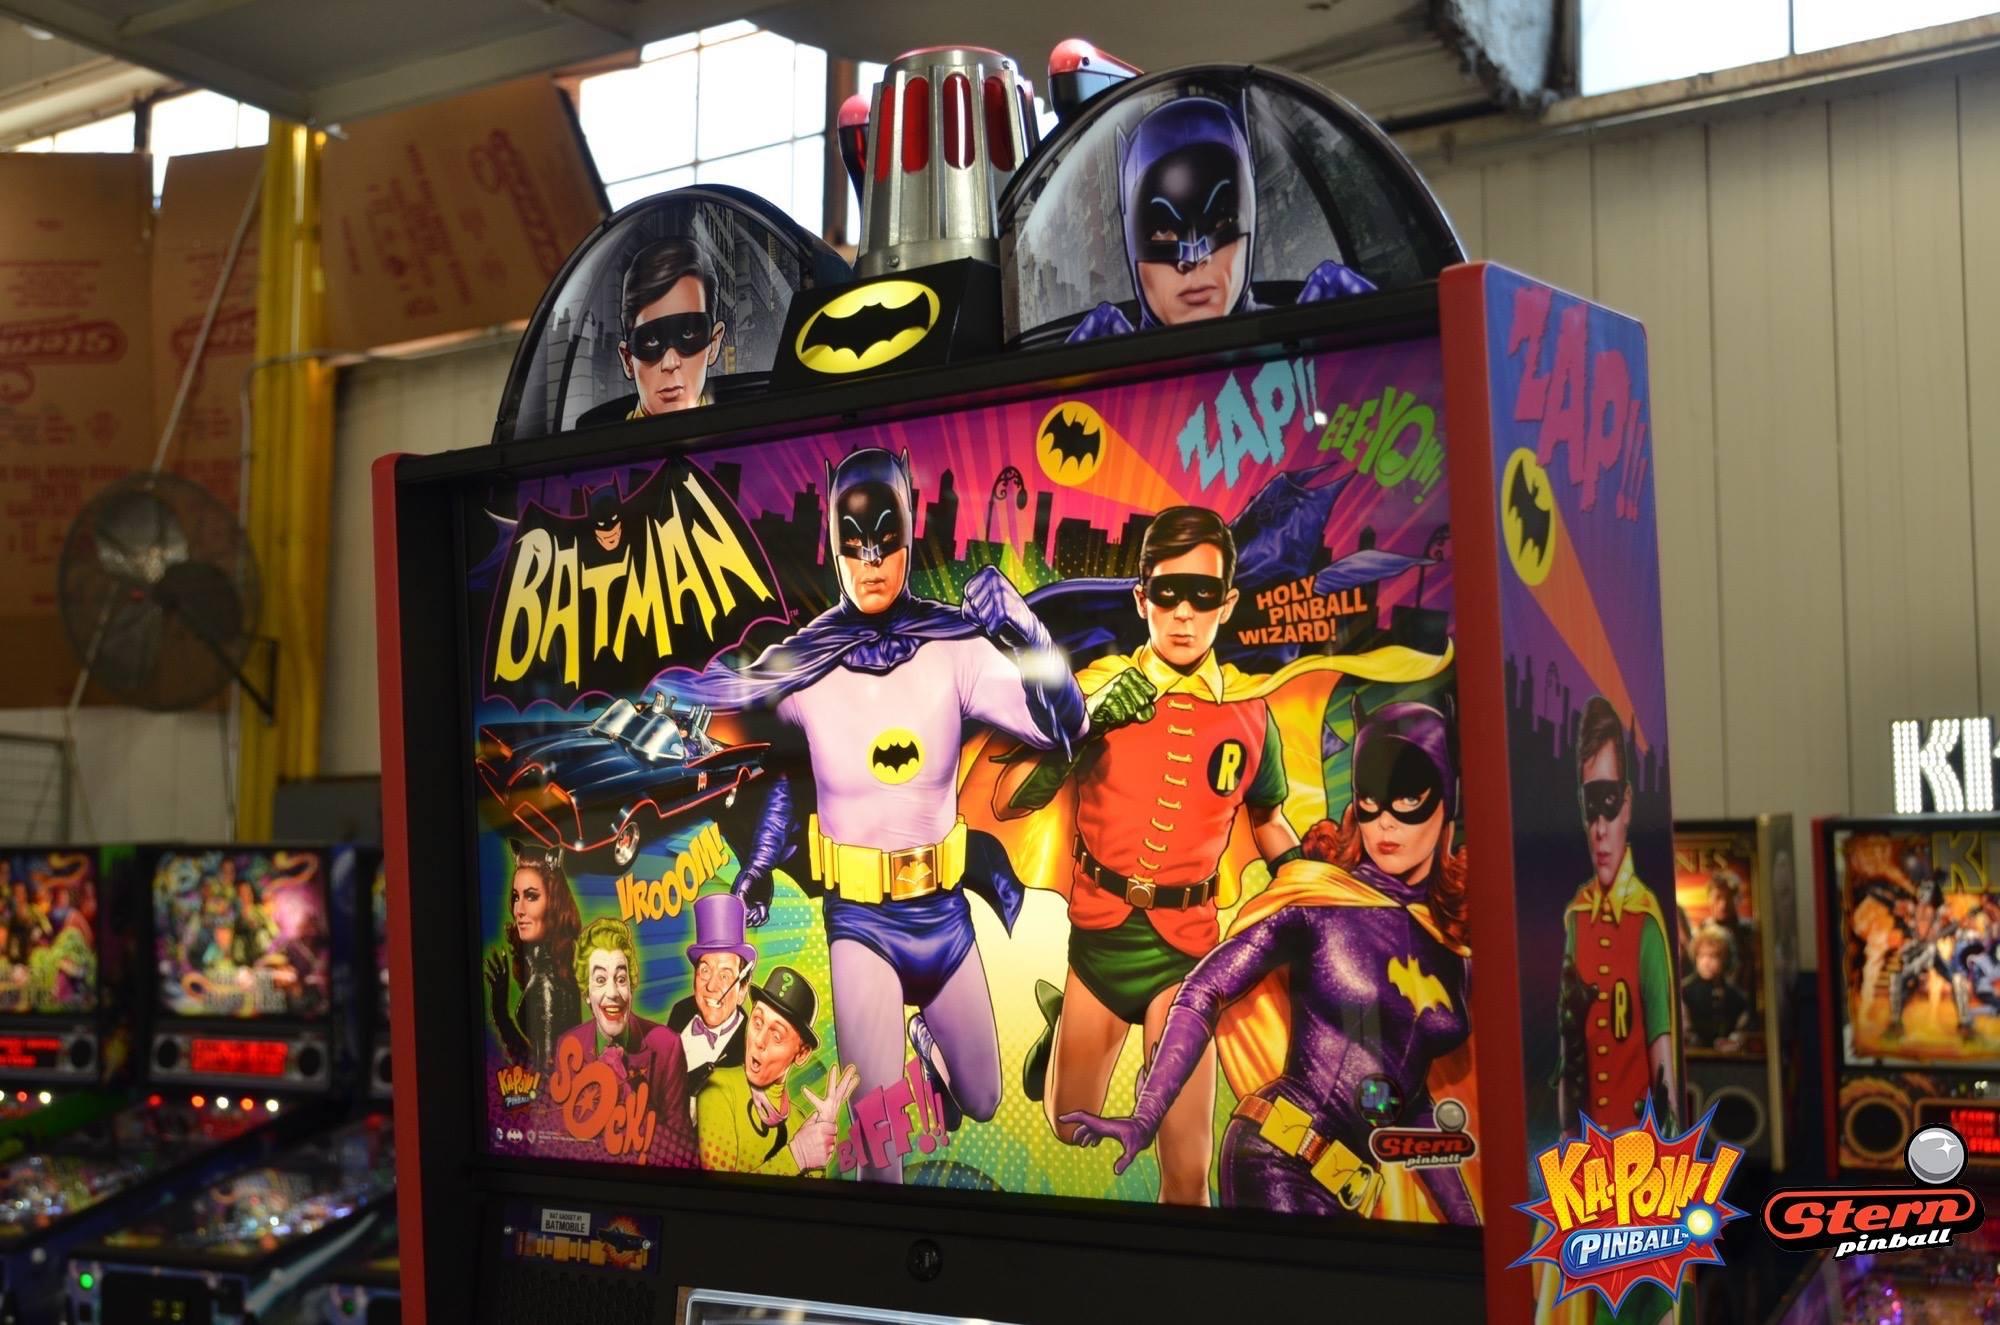 kapow-stern-batman-pinball-4